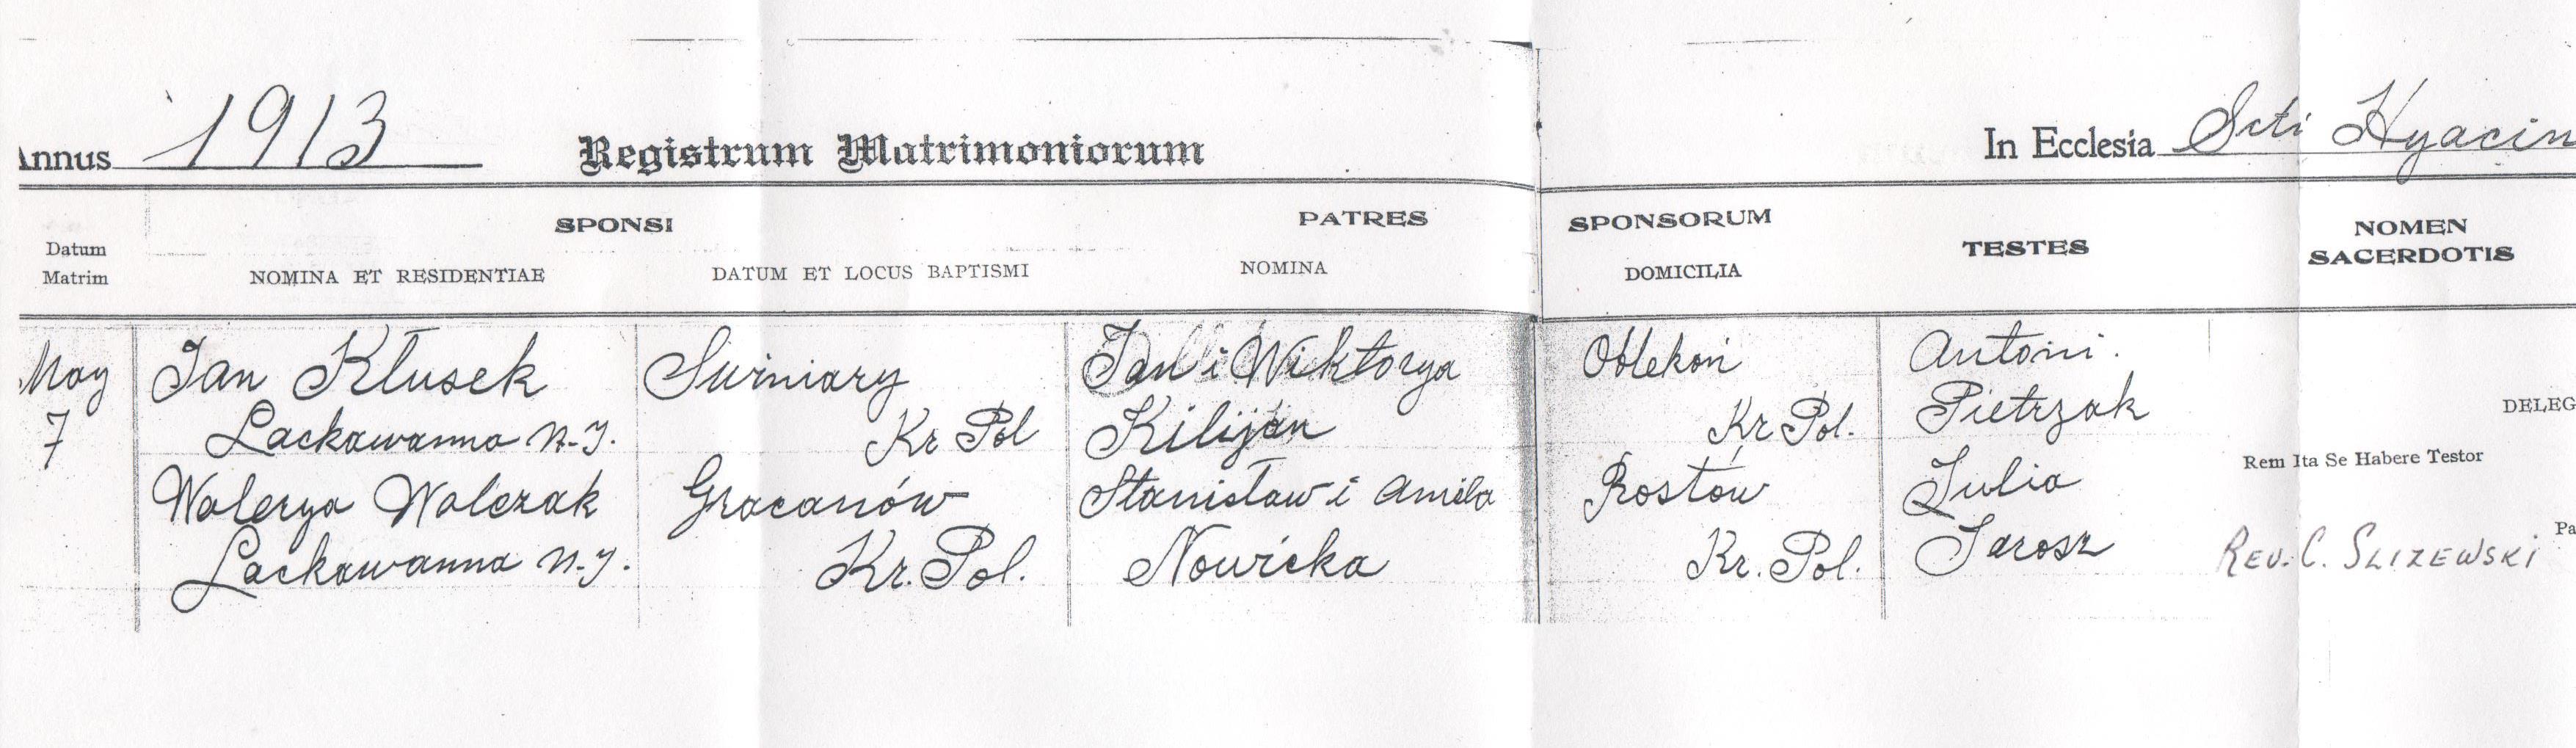 Waleria Majczyk & Jan Klusek 1913 (part 1)